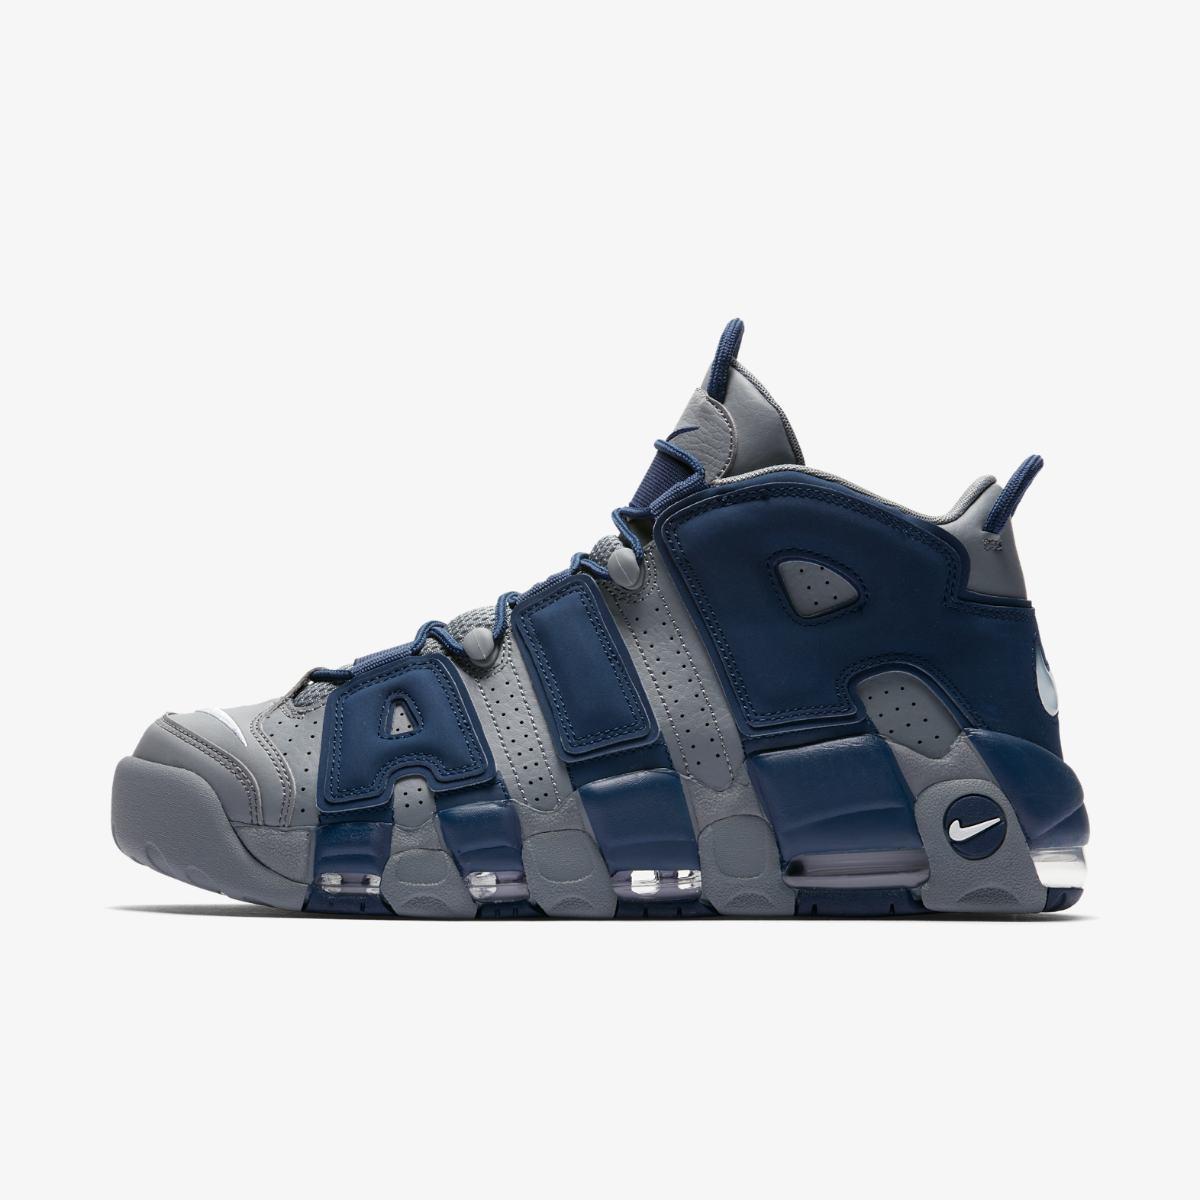 a1081e7e8ee36 Кроссовки Nike AIR MORE UPTEMPO 96 921948-003 купить | deltasport.ua